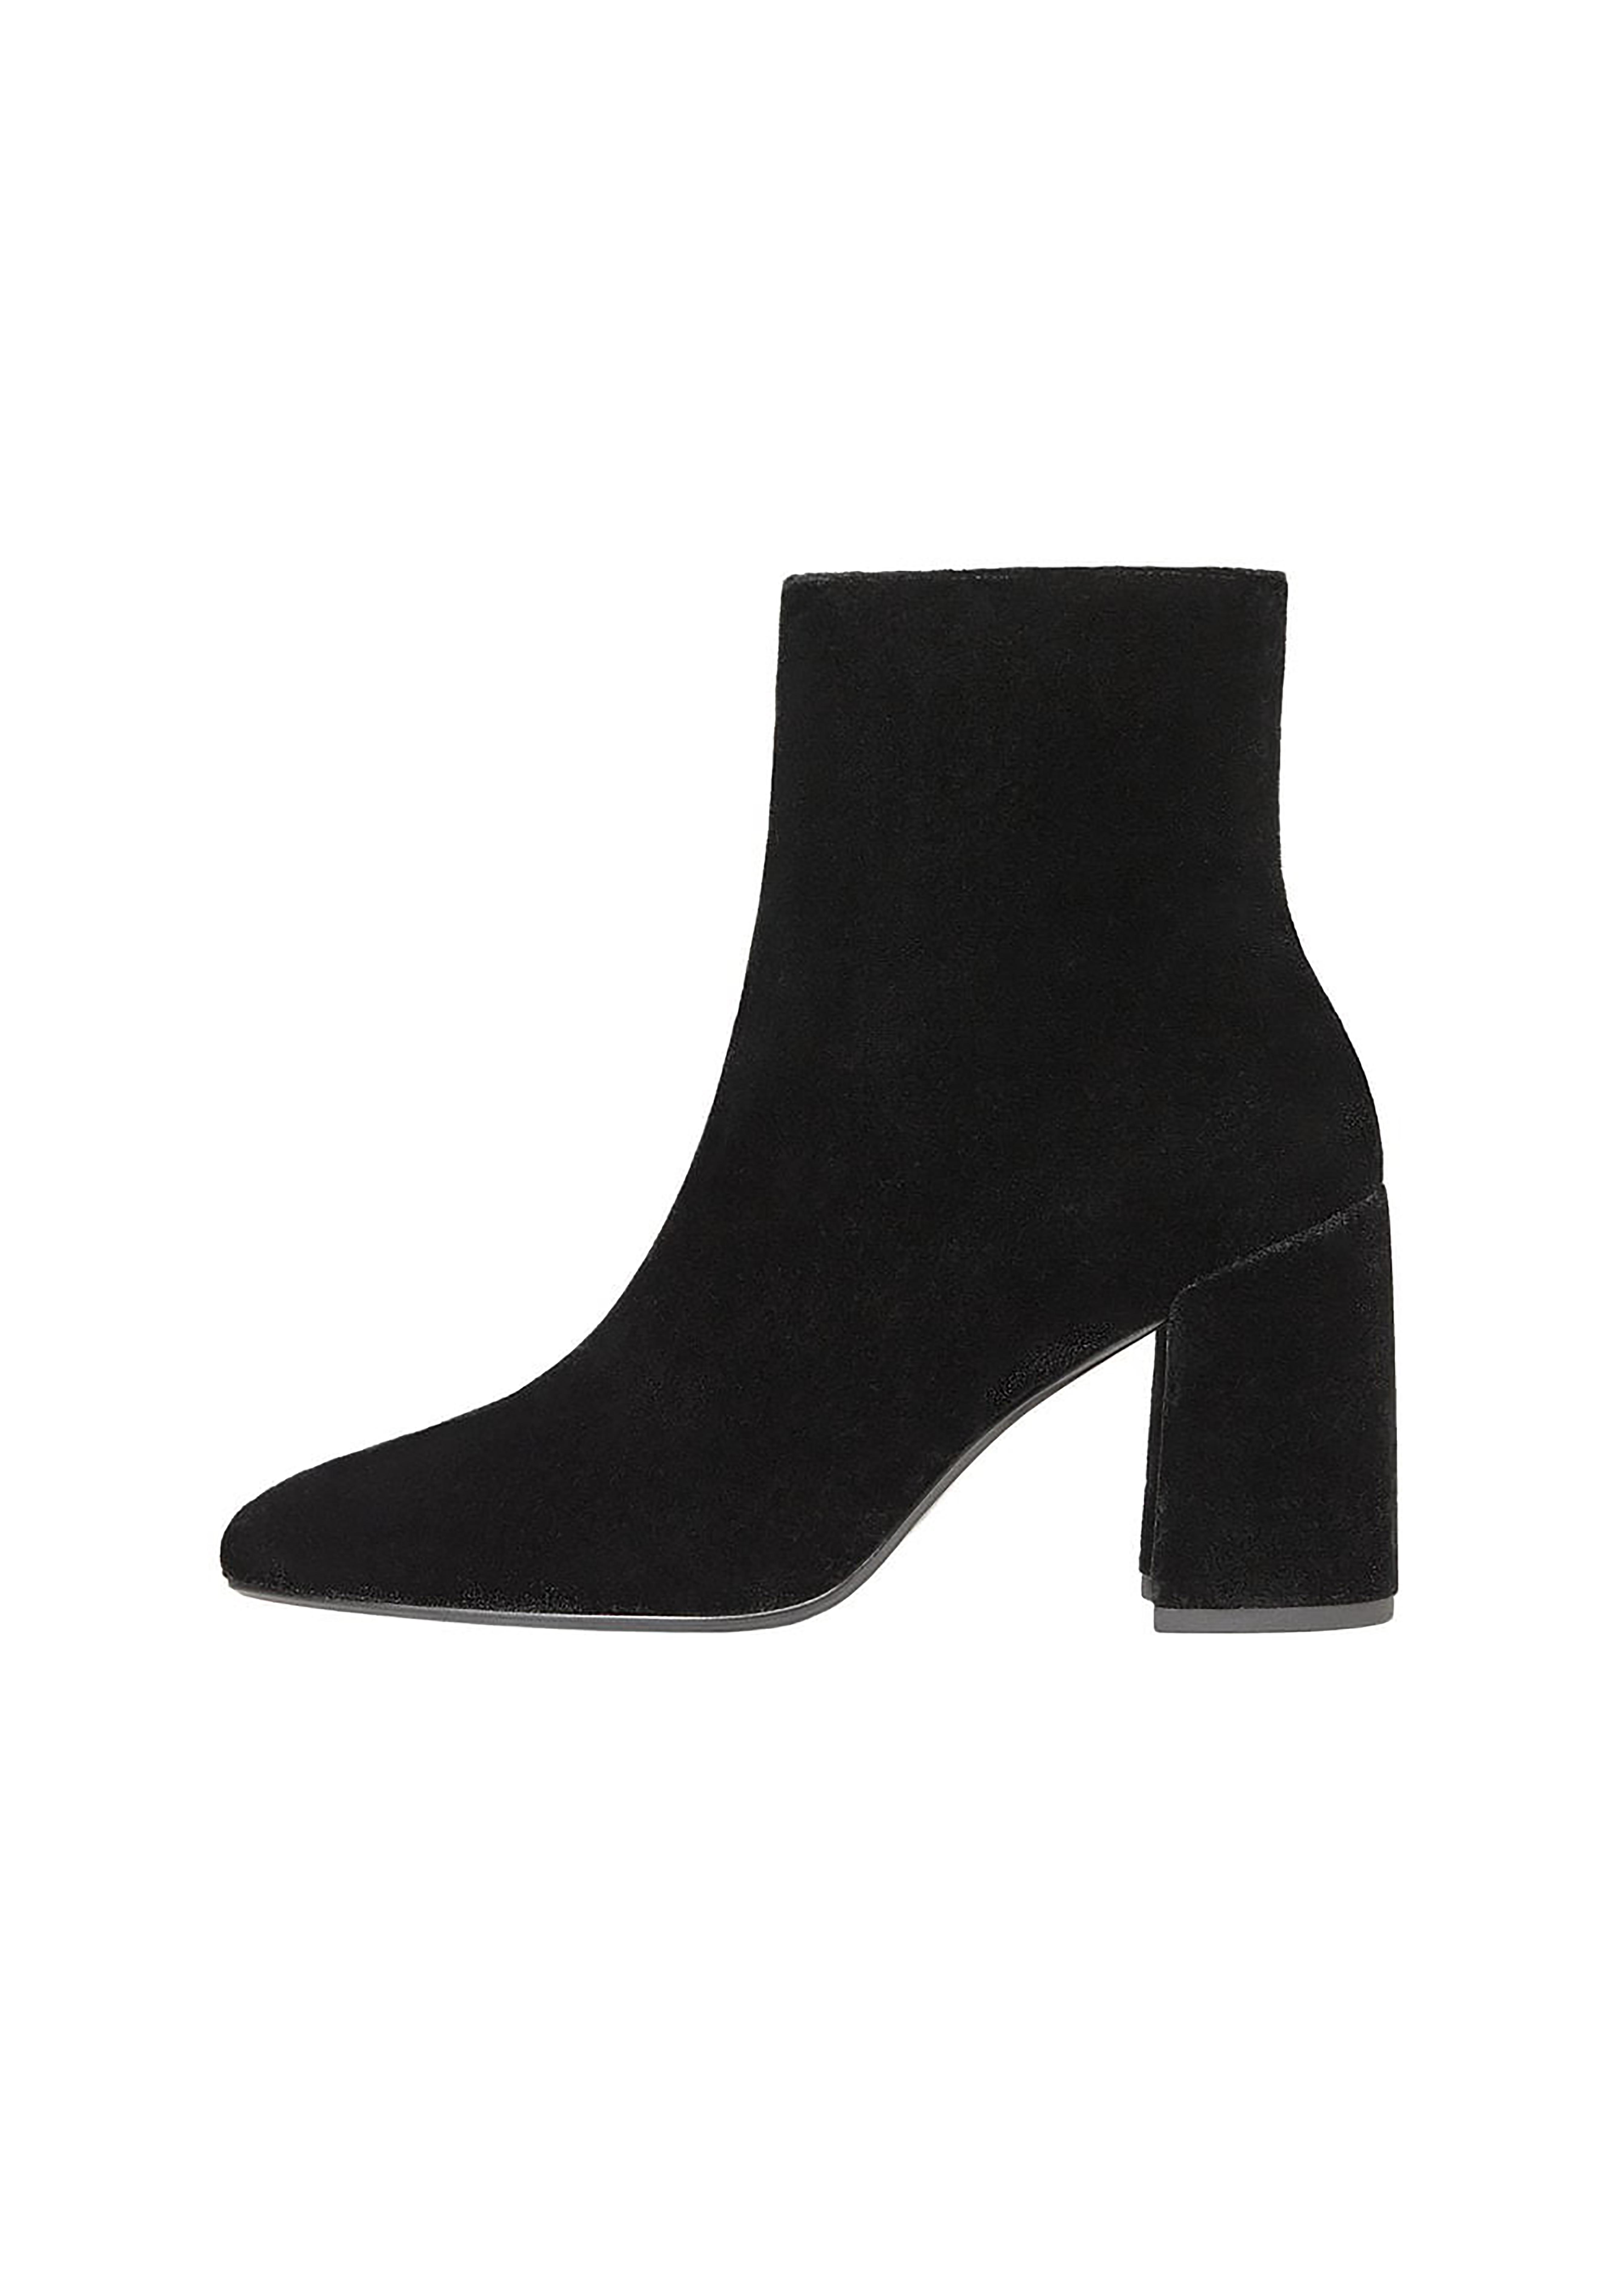 Giày boots cổ thấp gót trụ mang đến cảm giác thoải mái và vẫn tôn dáng ngọc